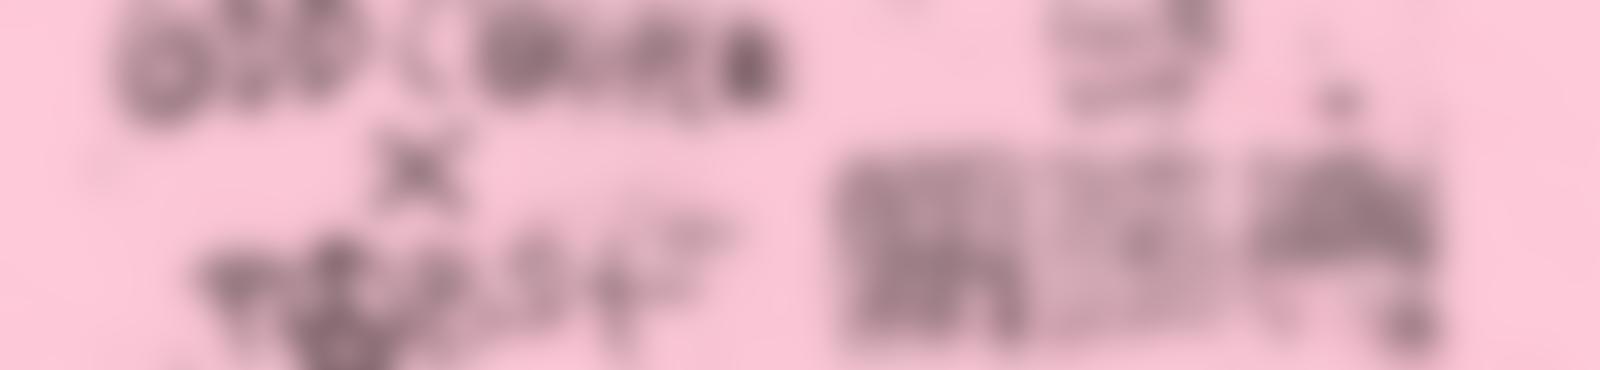 Blurred ee1cac54 f58c 40c0 ac49 3032fb8c55f4